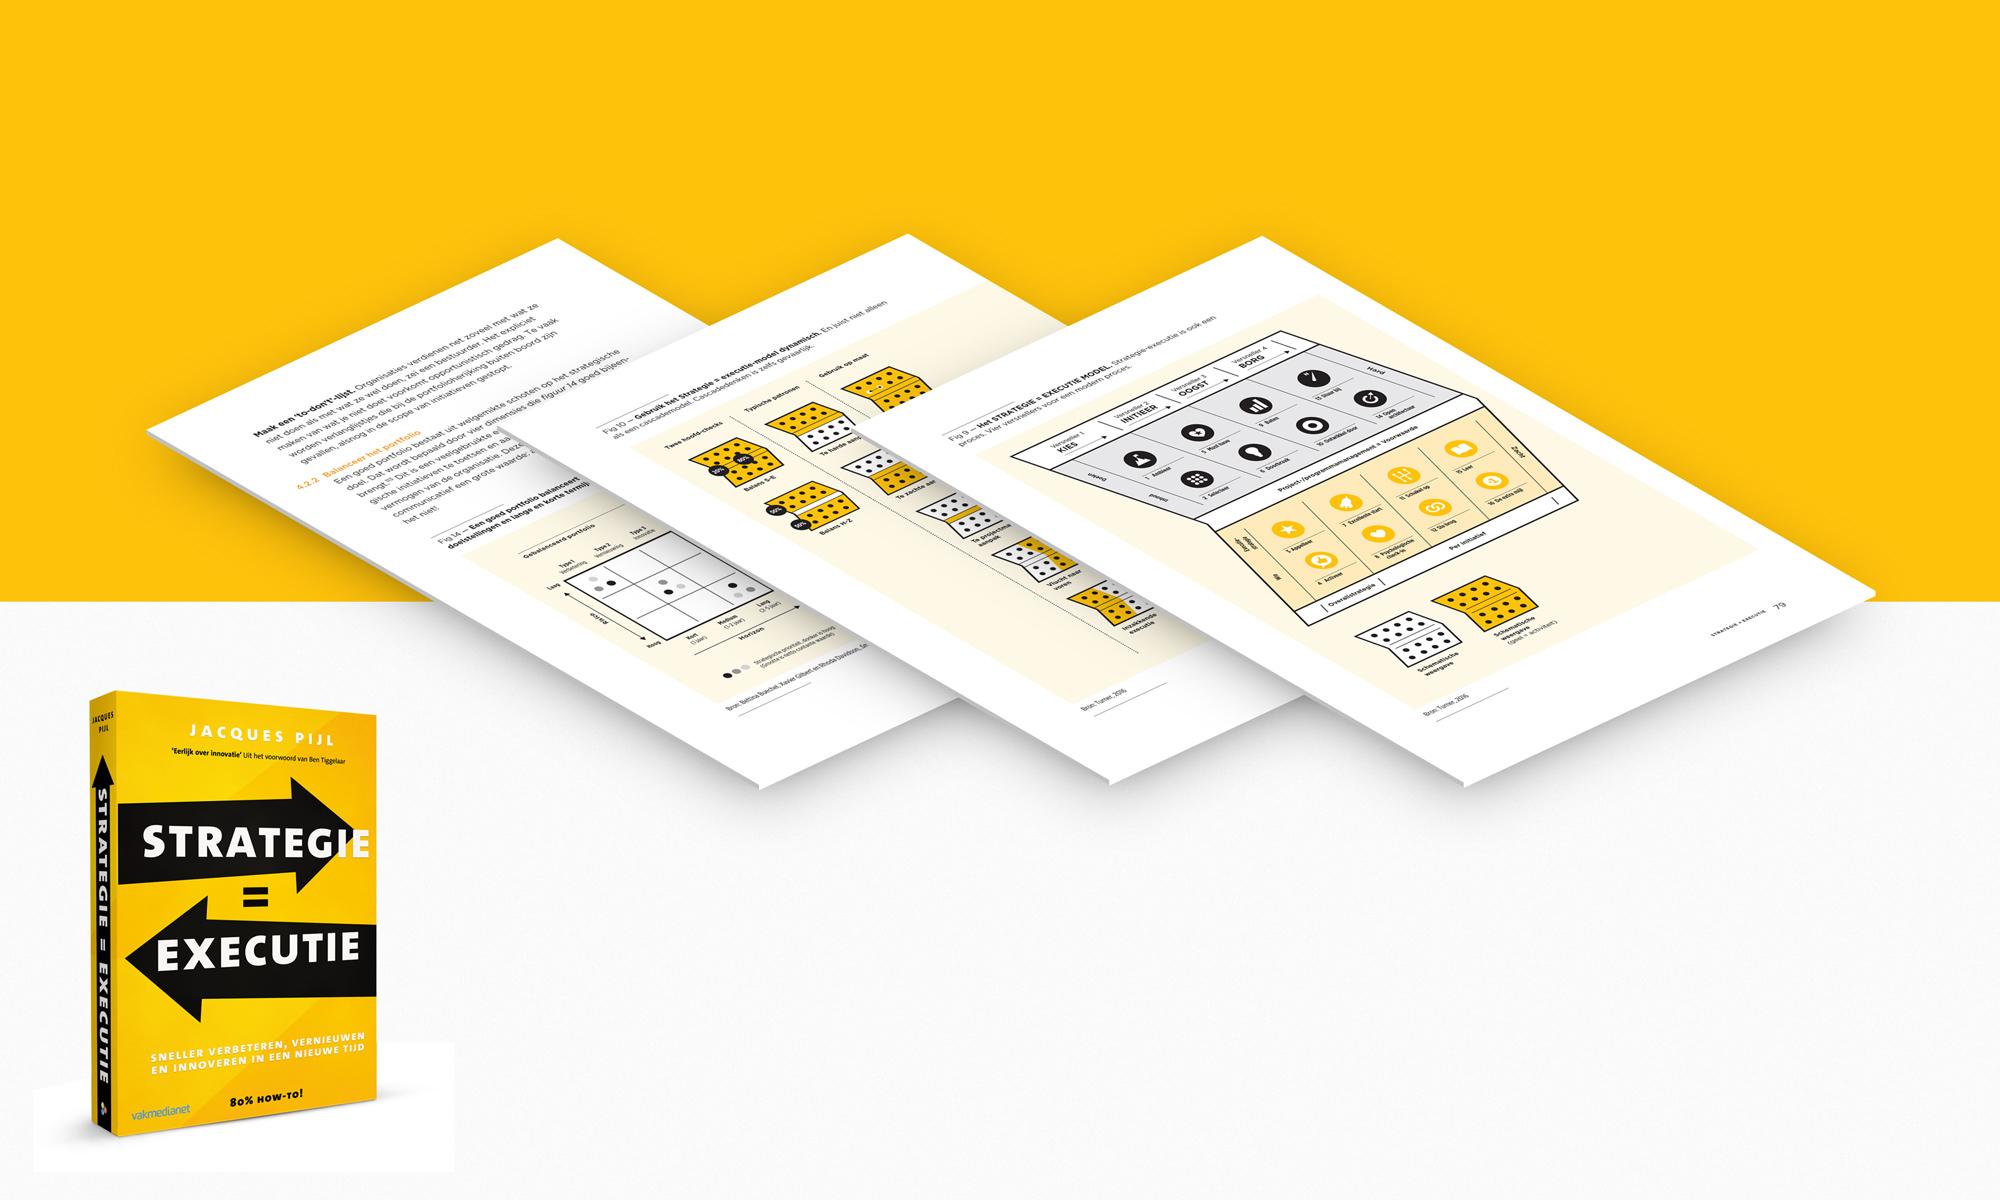 Beeldmarq - Grafische vormgeving & communicatie |Strategie = Executie